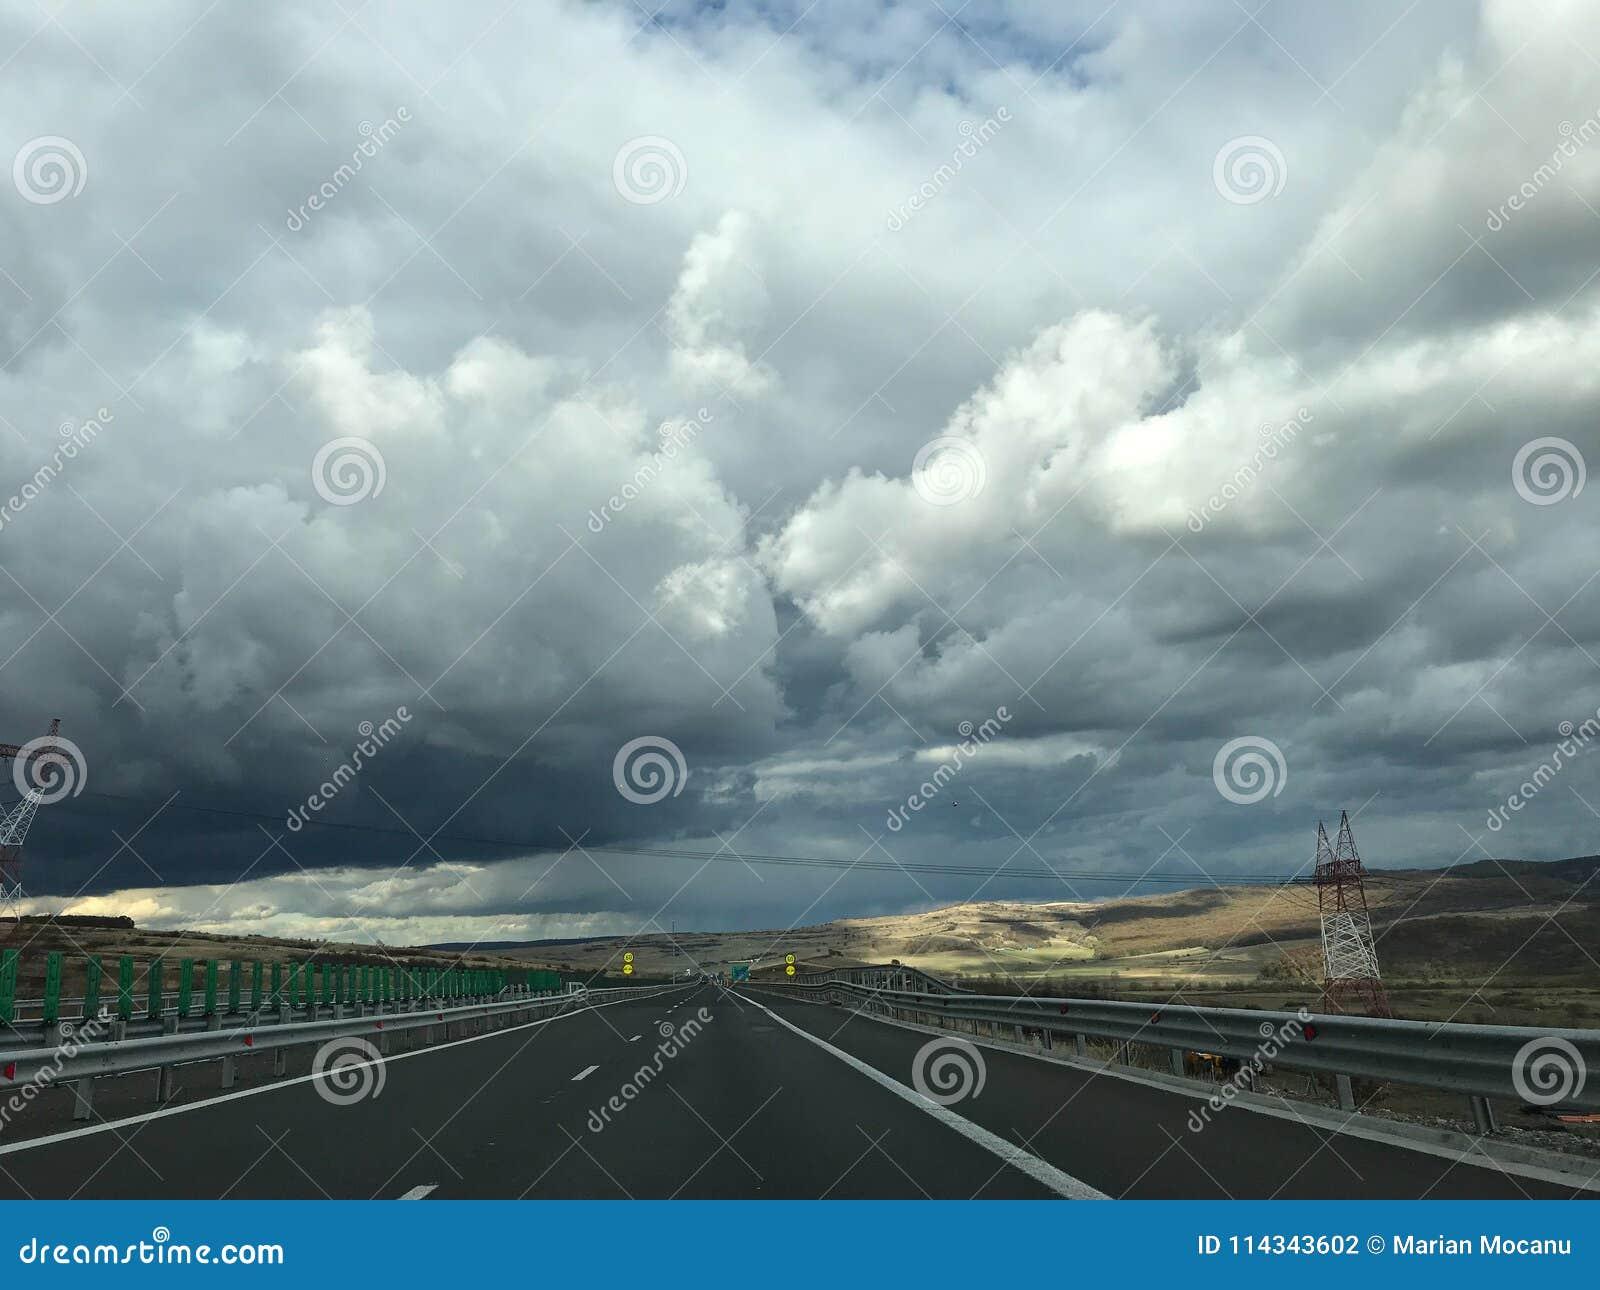 Landstraße und Himmel mit Wolken